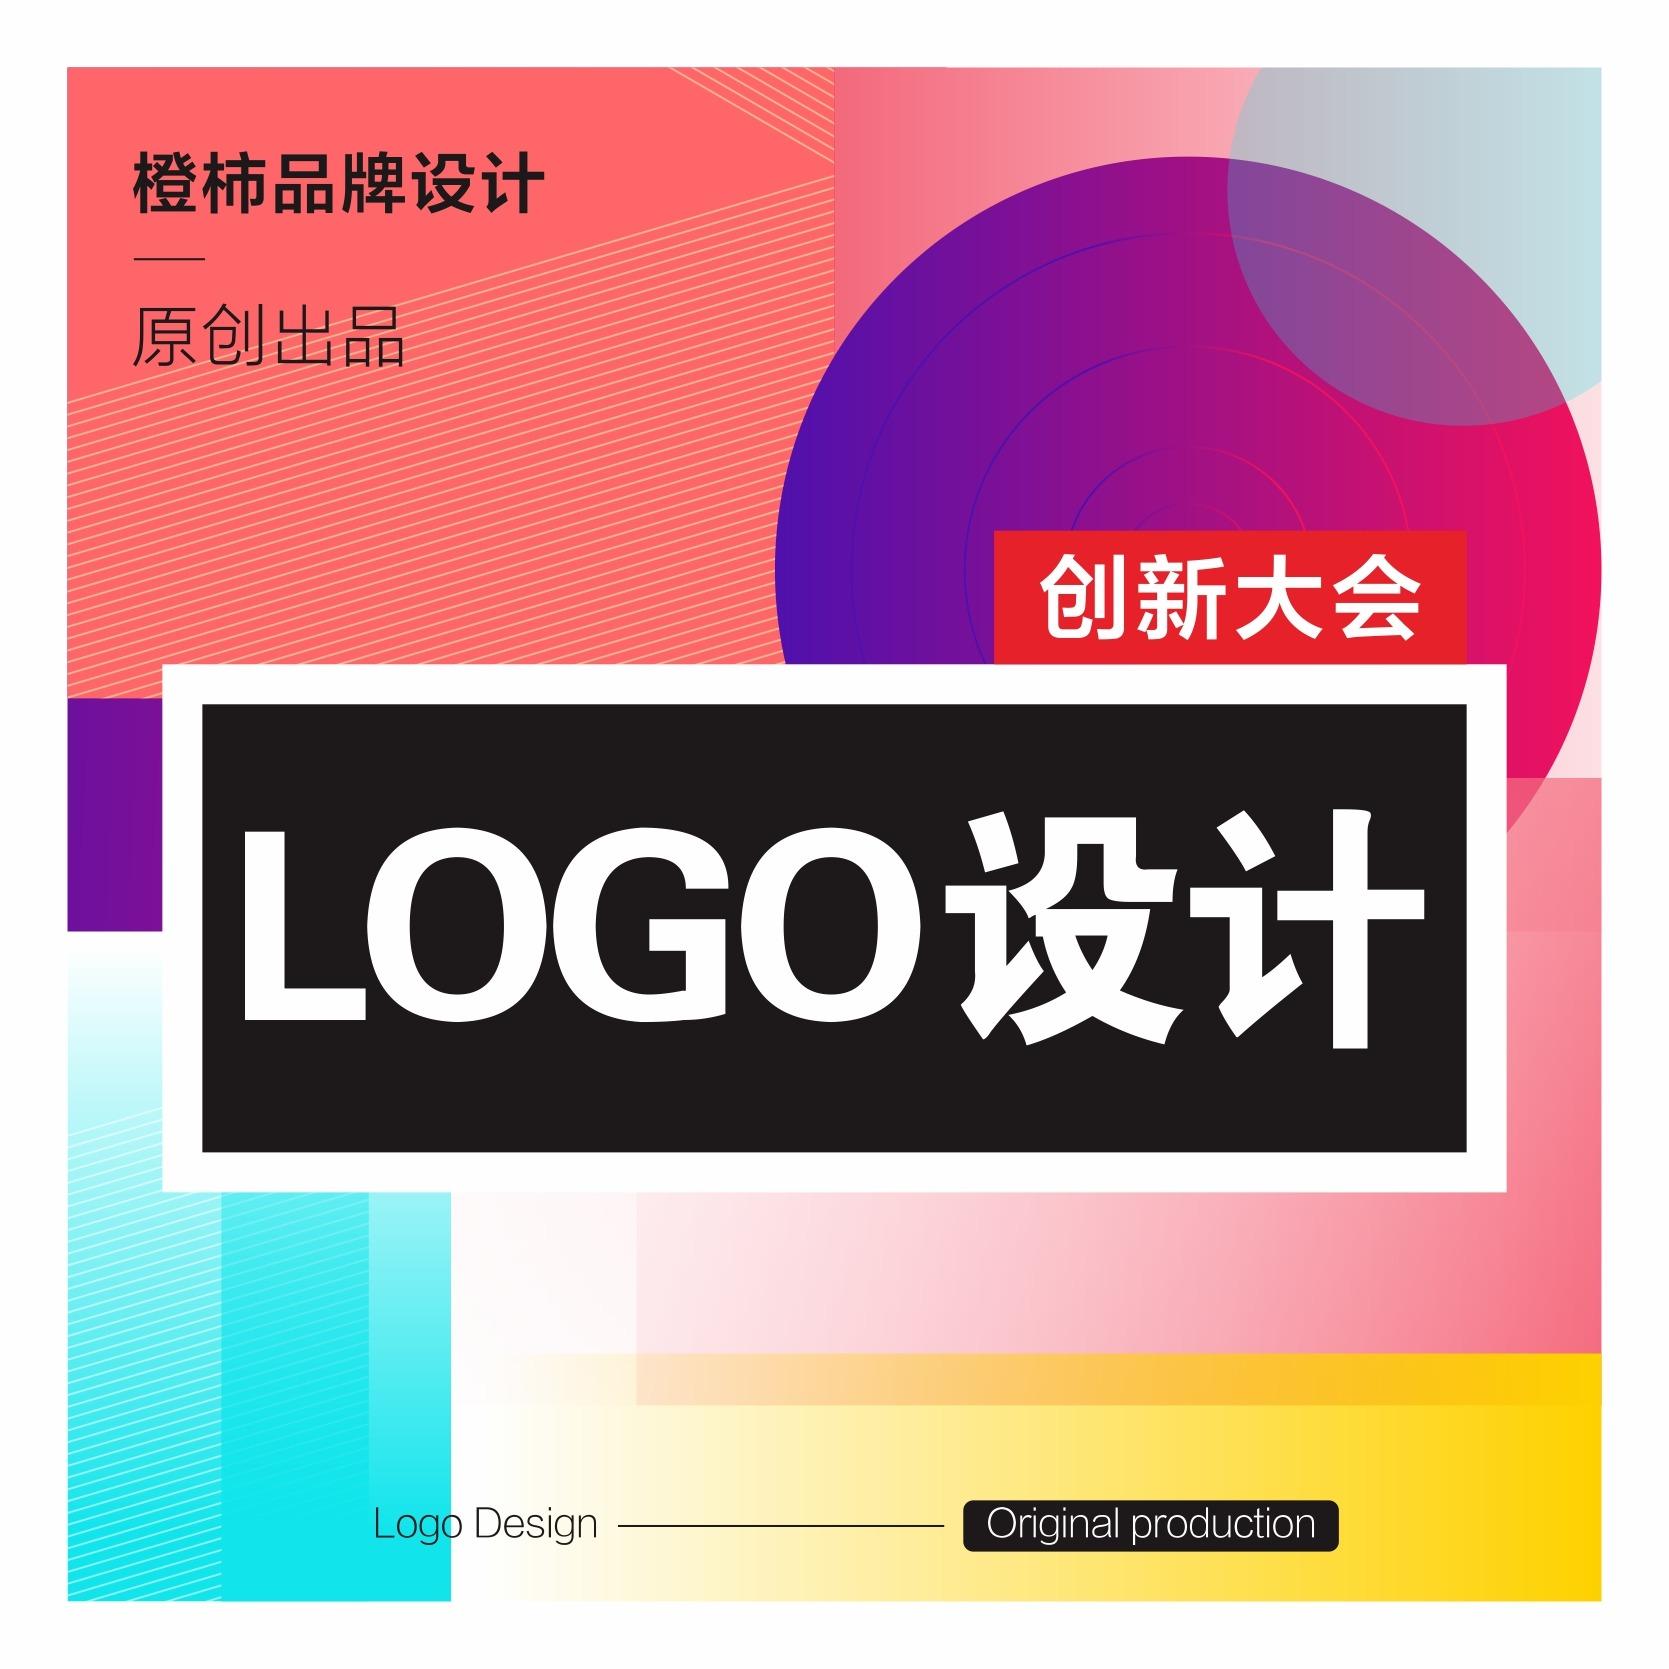 企业协会标准LOGO设计字母文字数字国际化LOGO创意设计